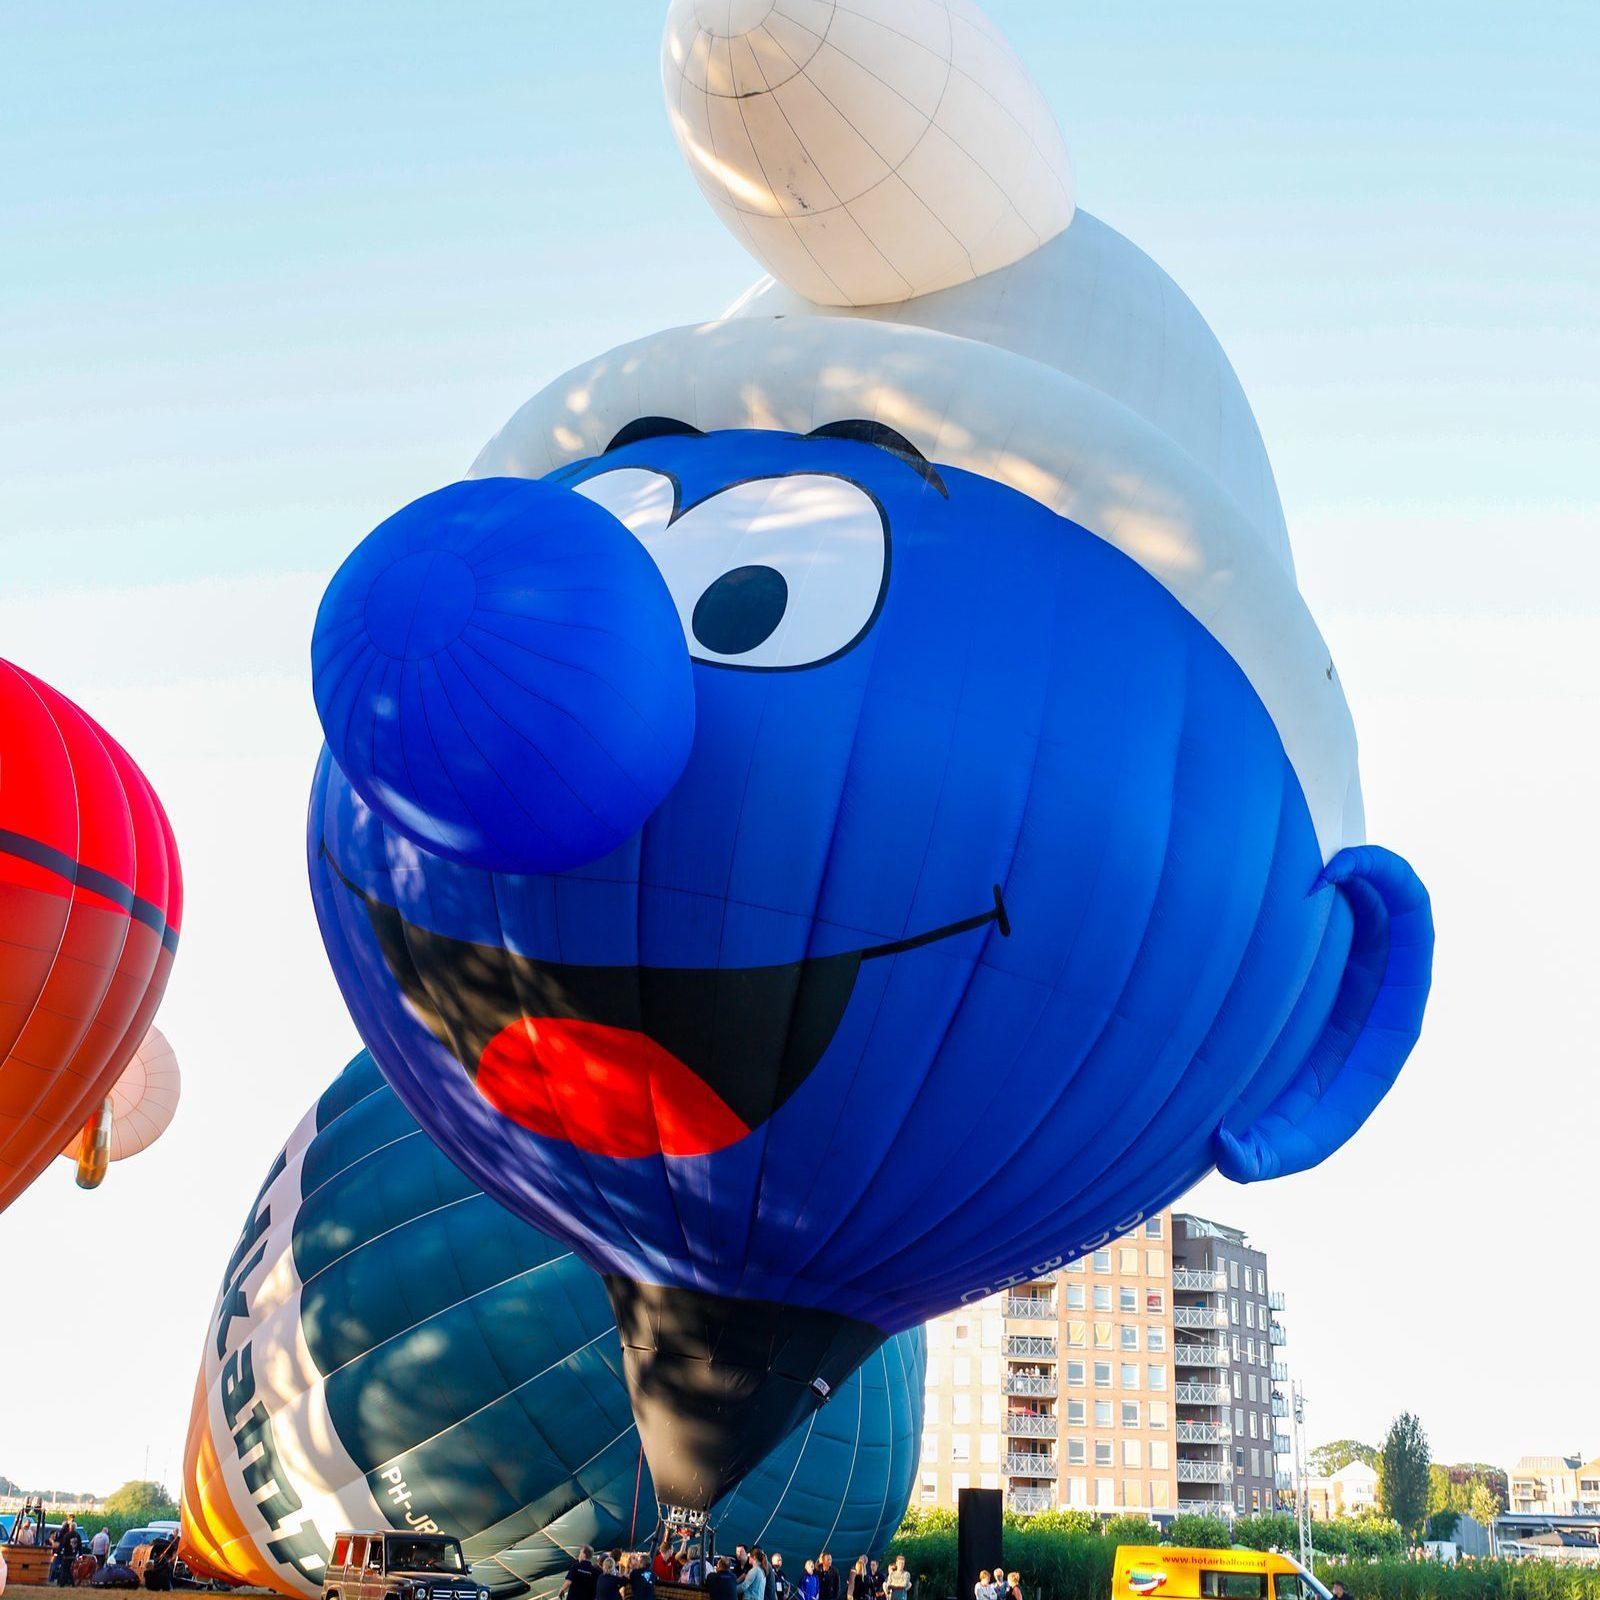 Smurfen luchtballon bij het Ballonfestival in Hardenberg